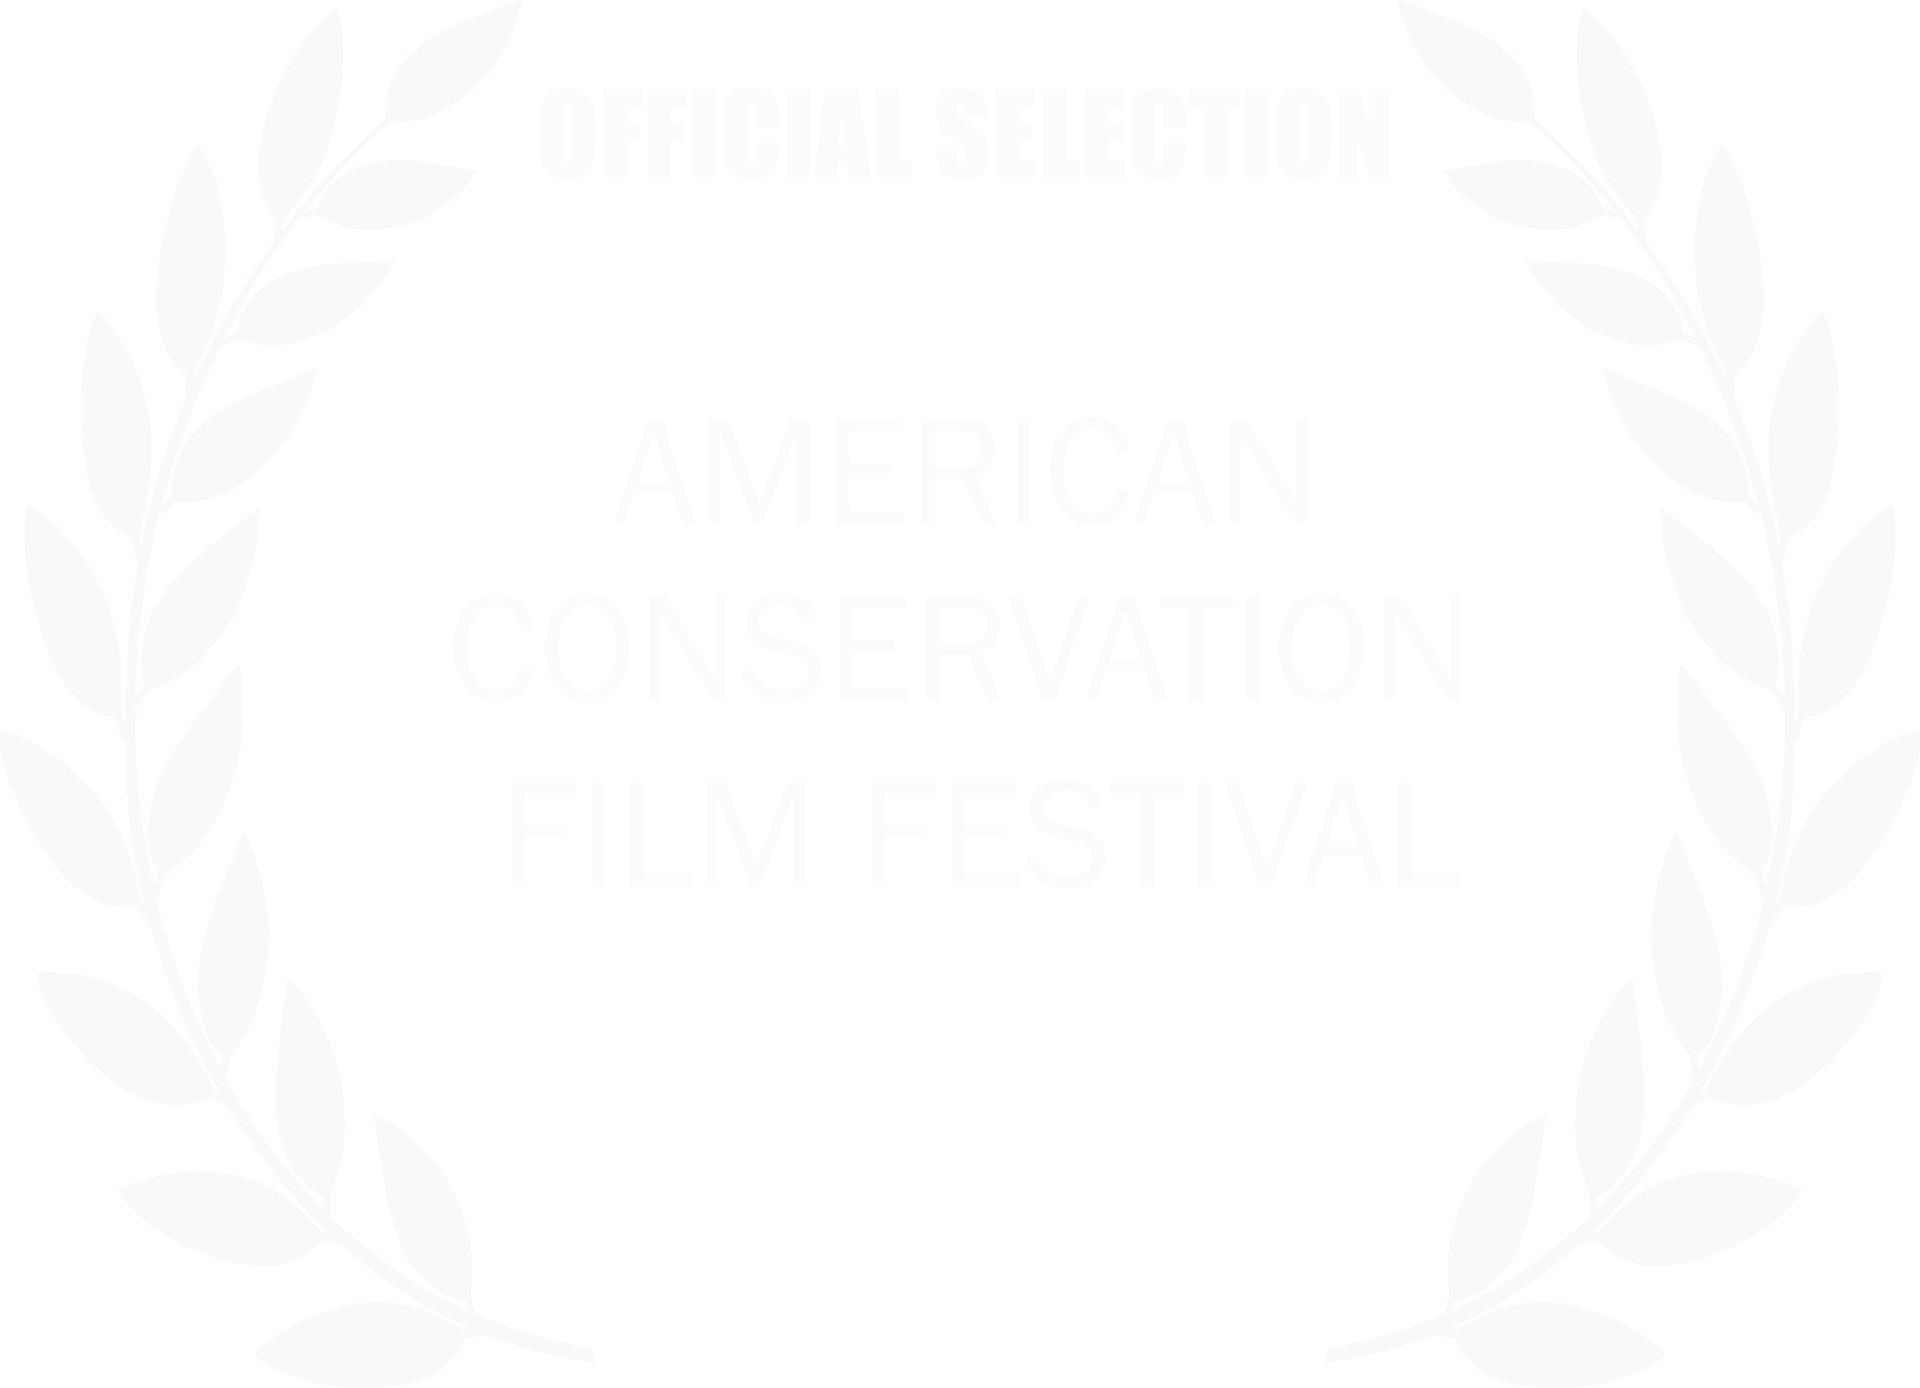 2016_ACFF_Official Selection Laurels large copy.png